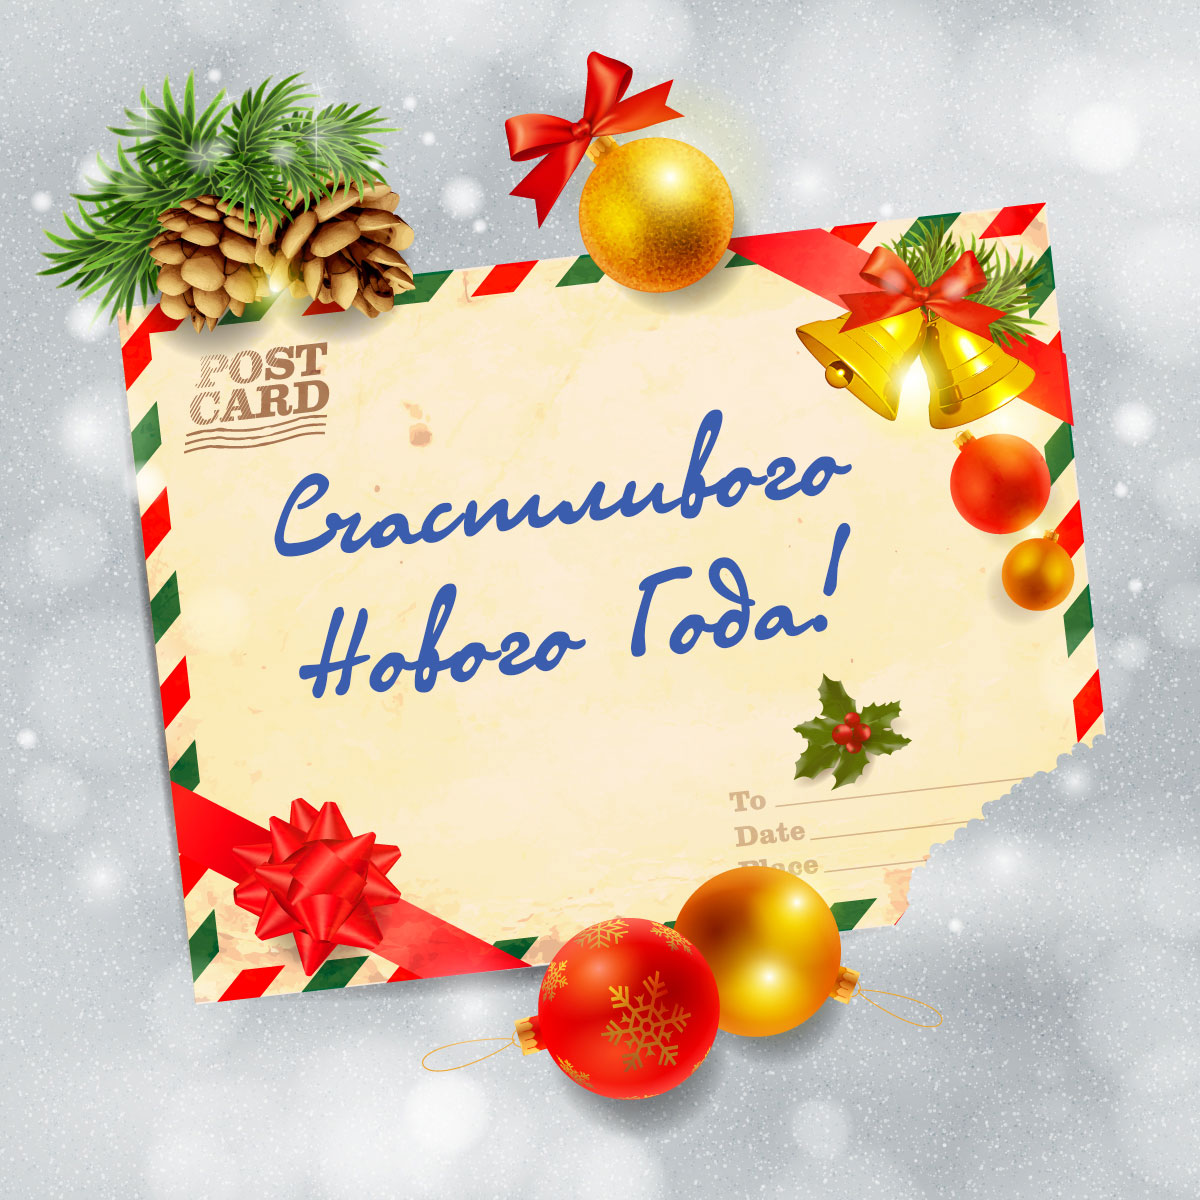 Поздравительная открытка в конверте с новым годом с шишками и рождественскими шарами.